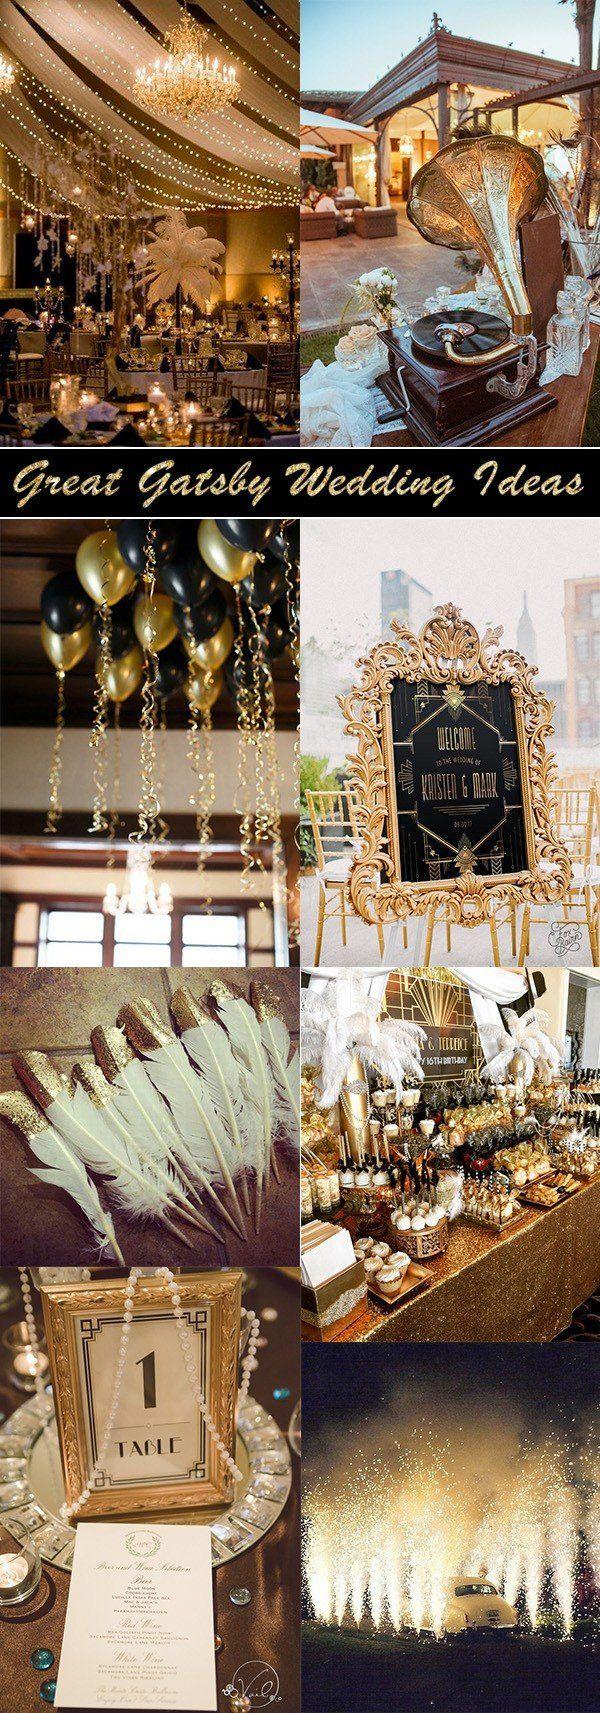 30 Great Gatsby Vintage Hochzeitsideen für 2018 Trends